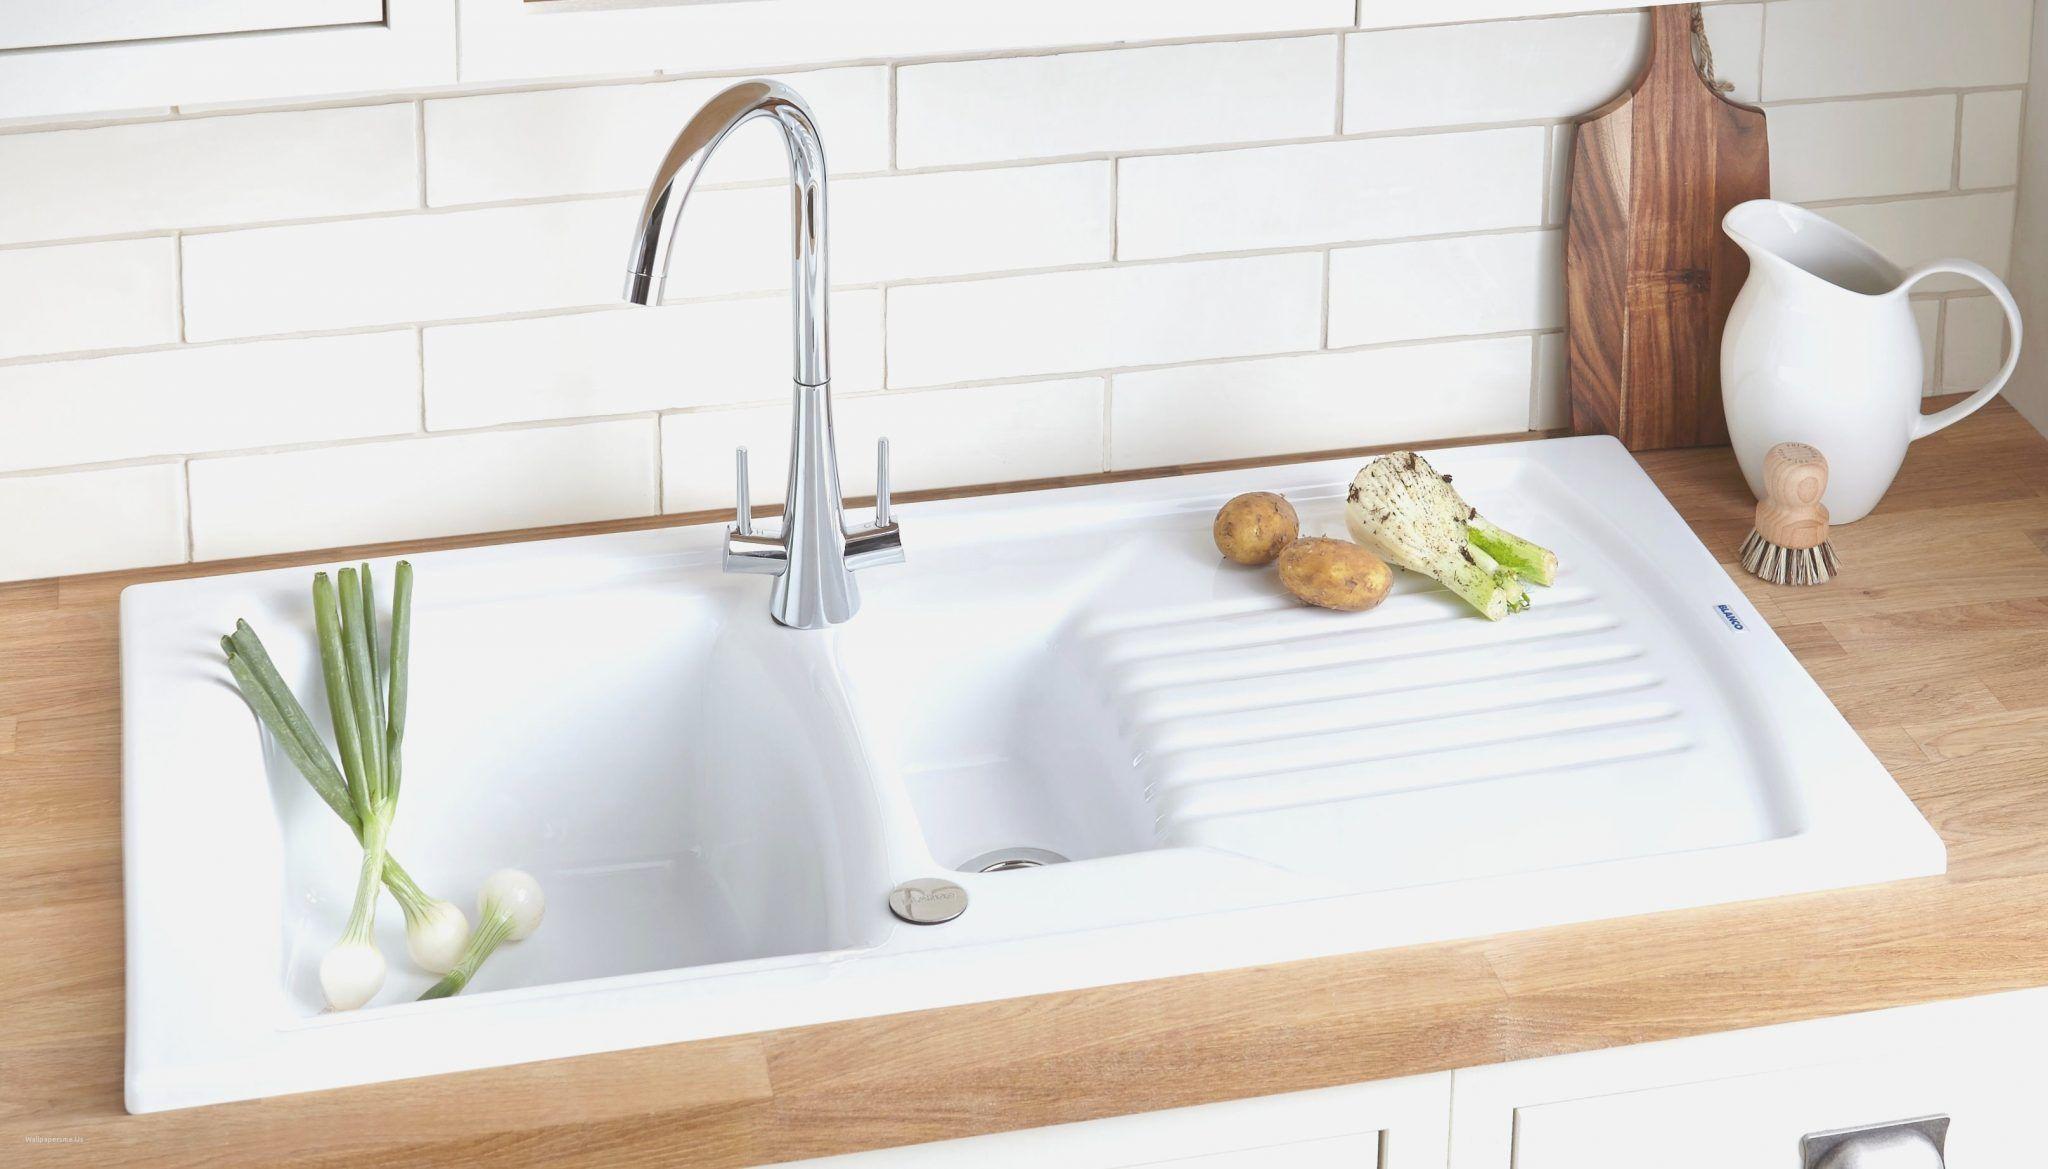 Giagni Fresco Stainless Steel 1 Handle Pull Down Kitchen Faucet   Giagni  Fresco Pull